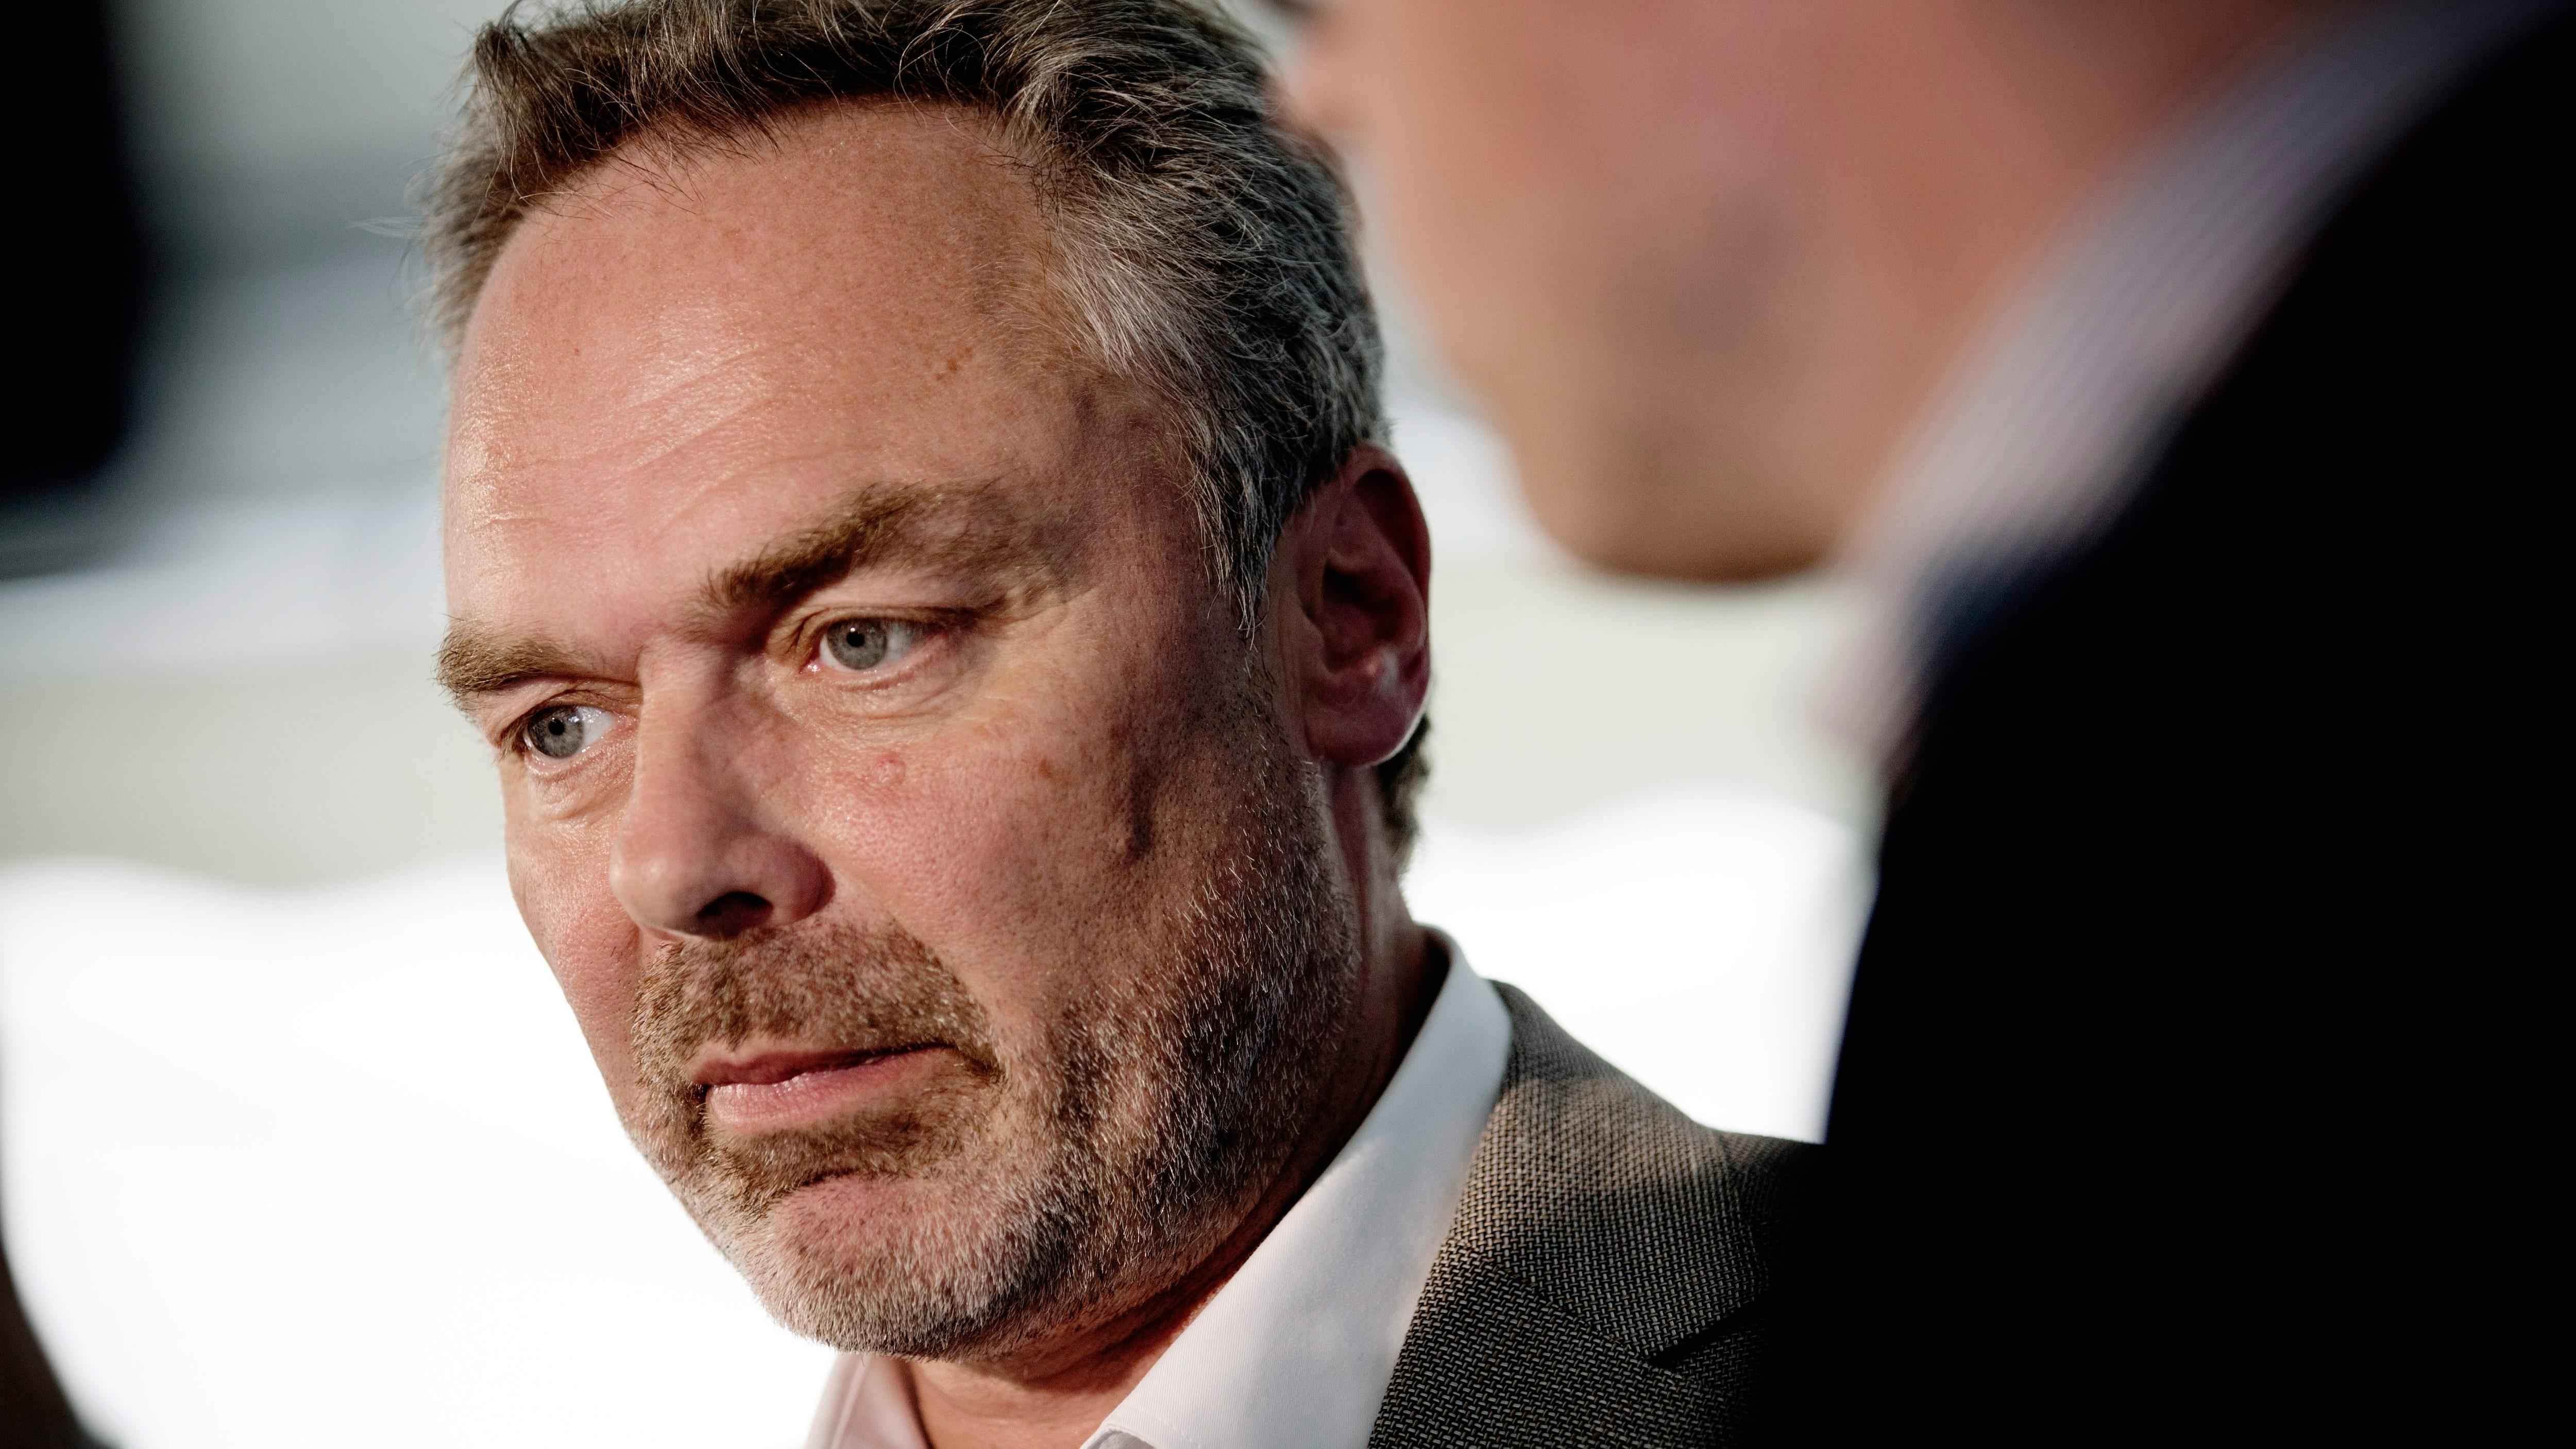 Svensken offrades for kuznetsovs nya jattekontrakt